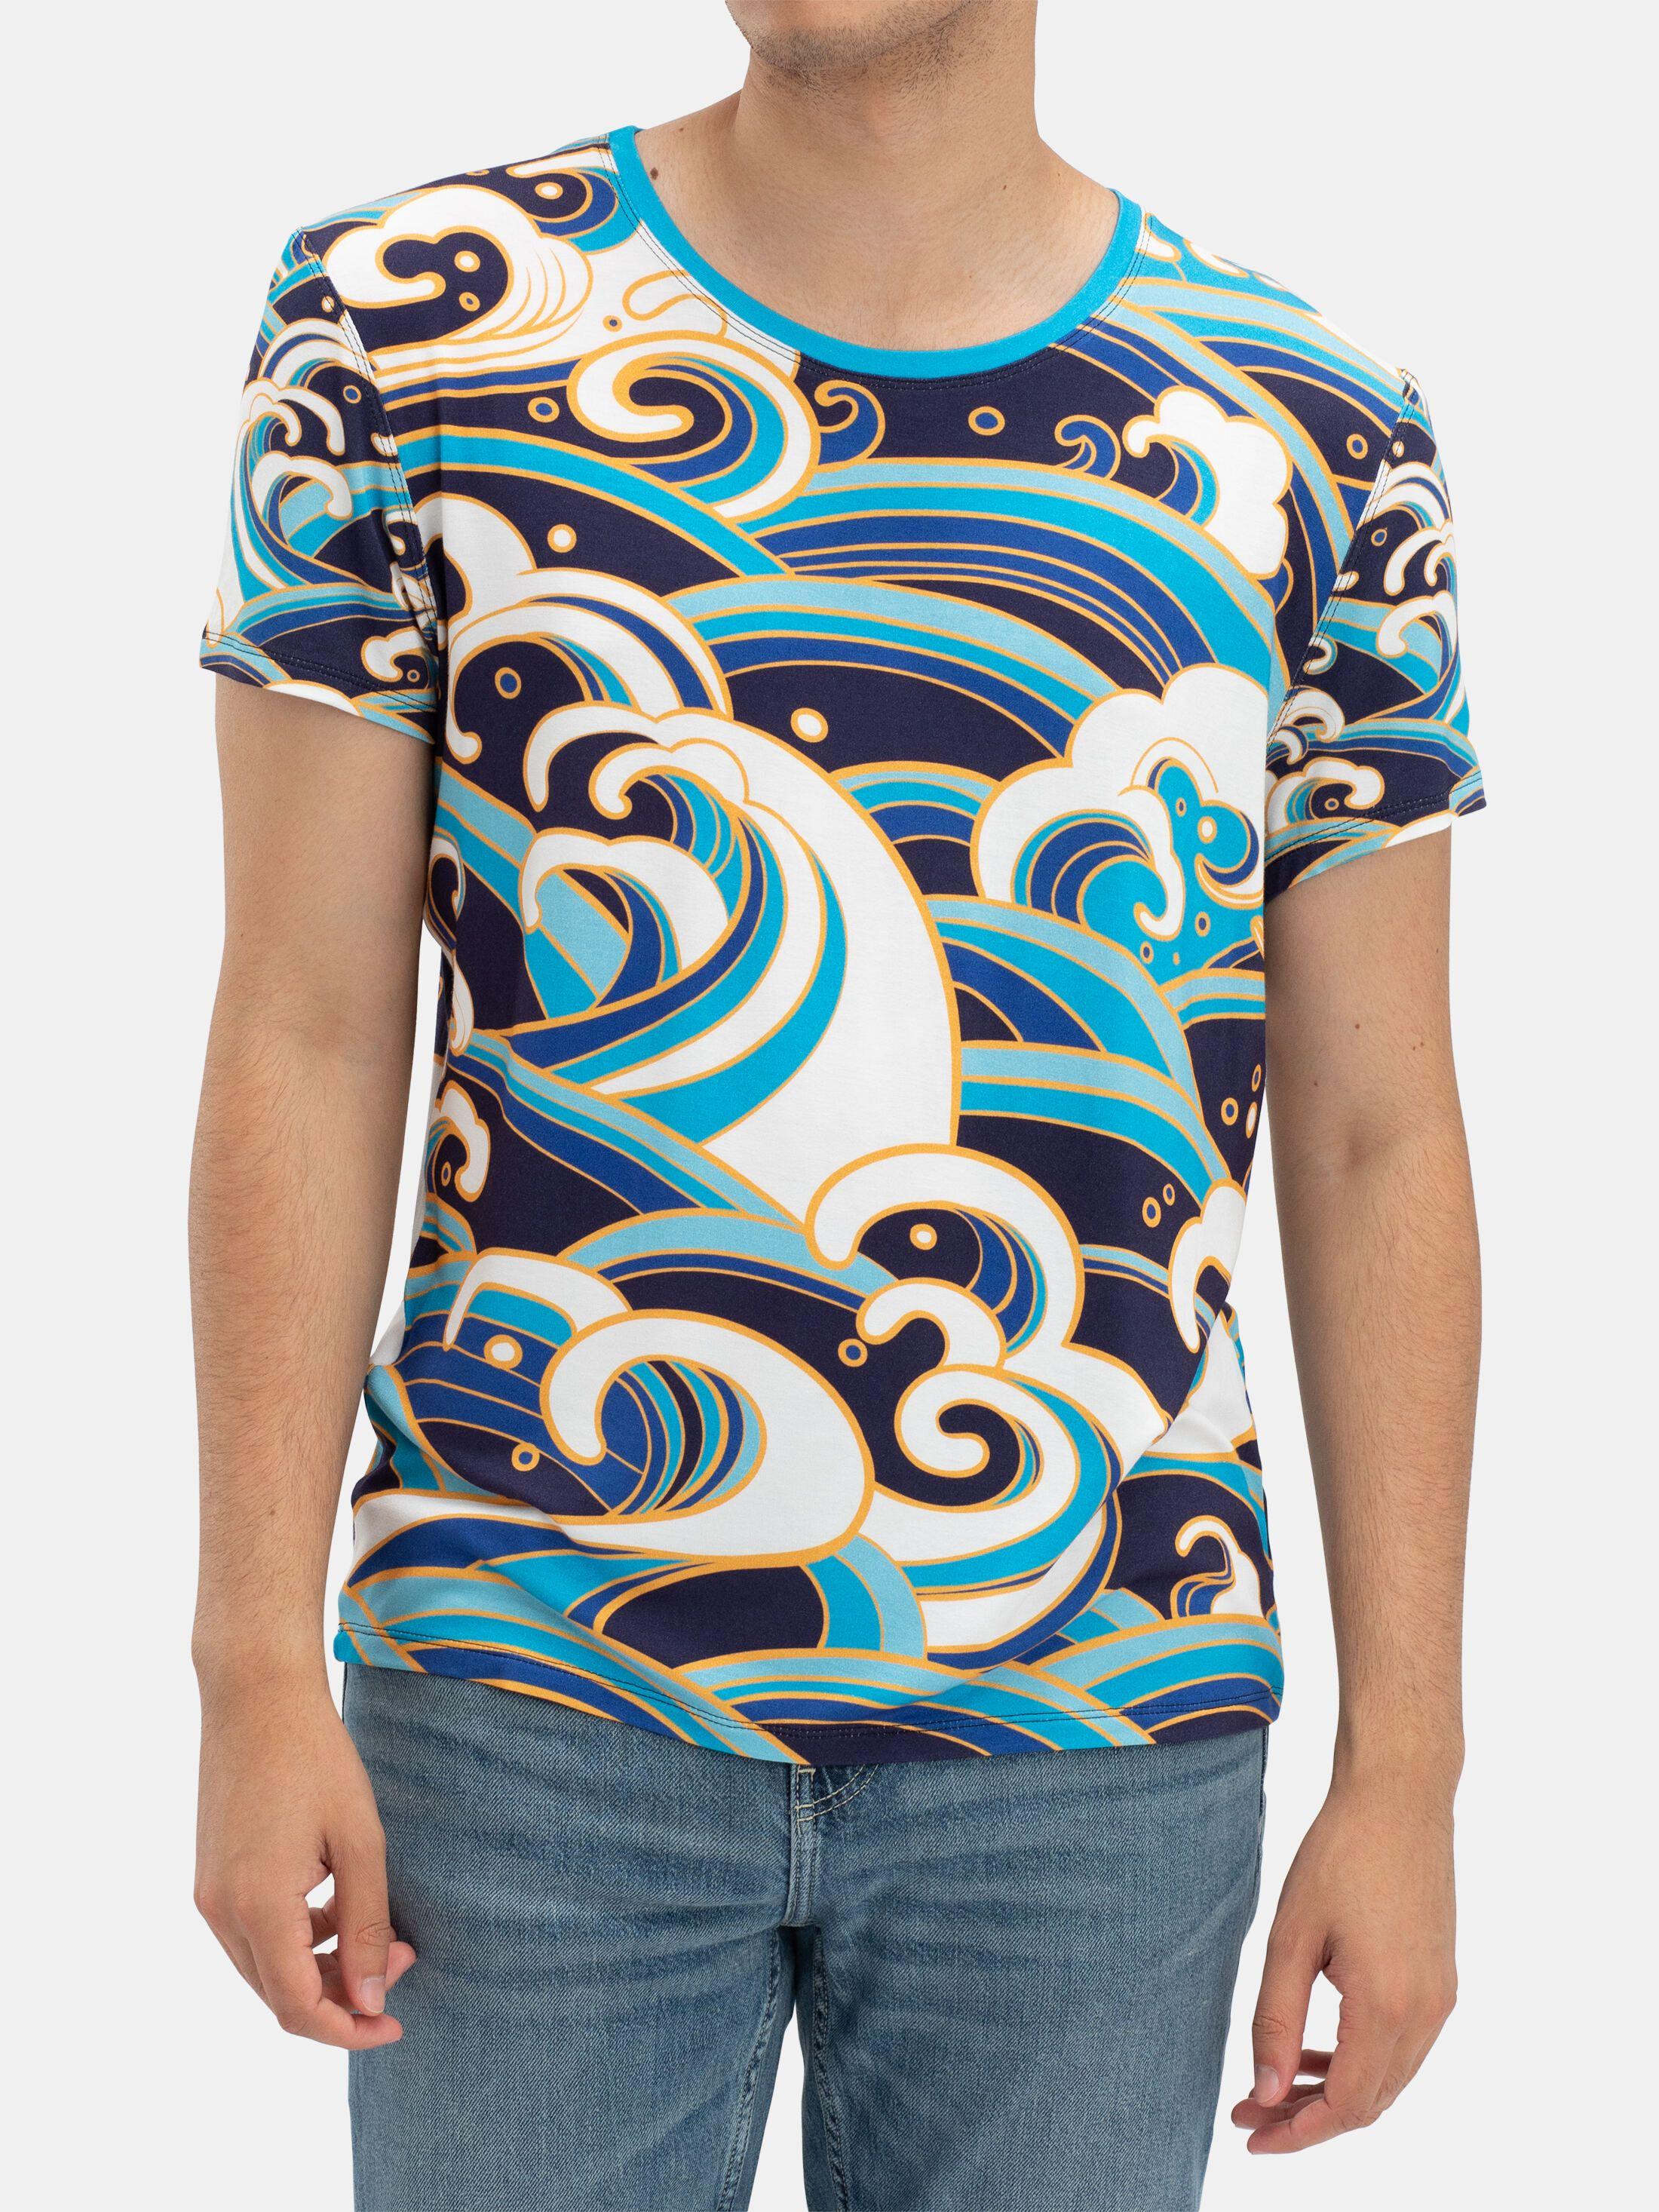 Printed Crew Neck T Shirt handmade in UK